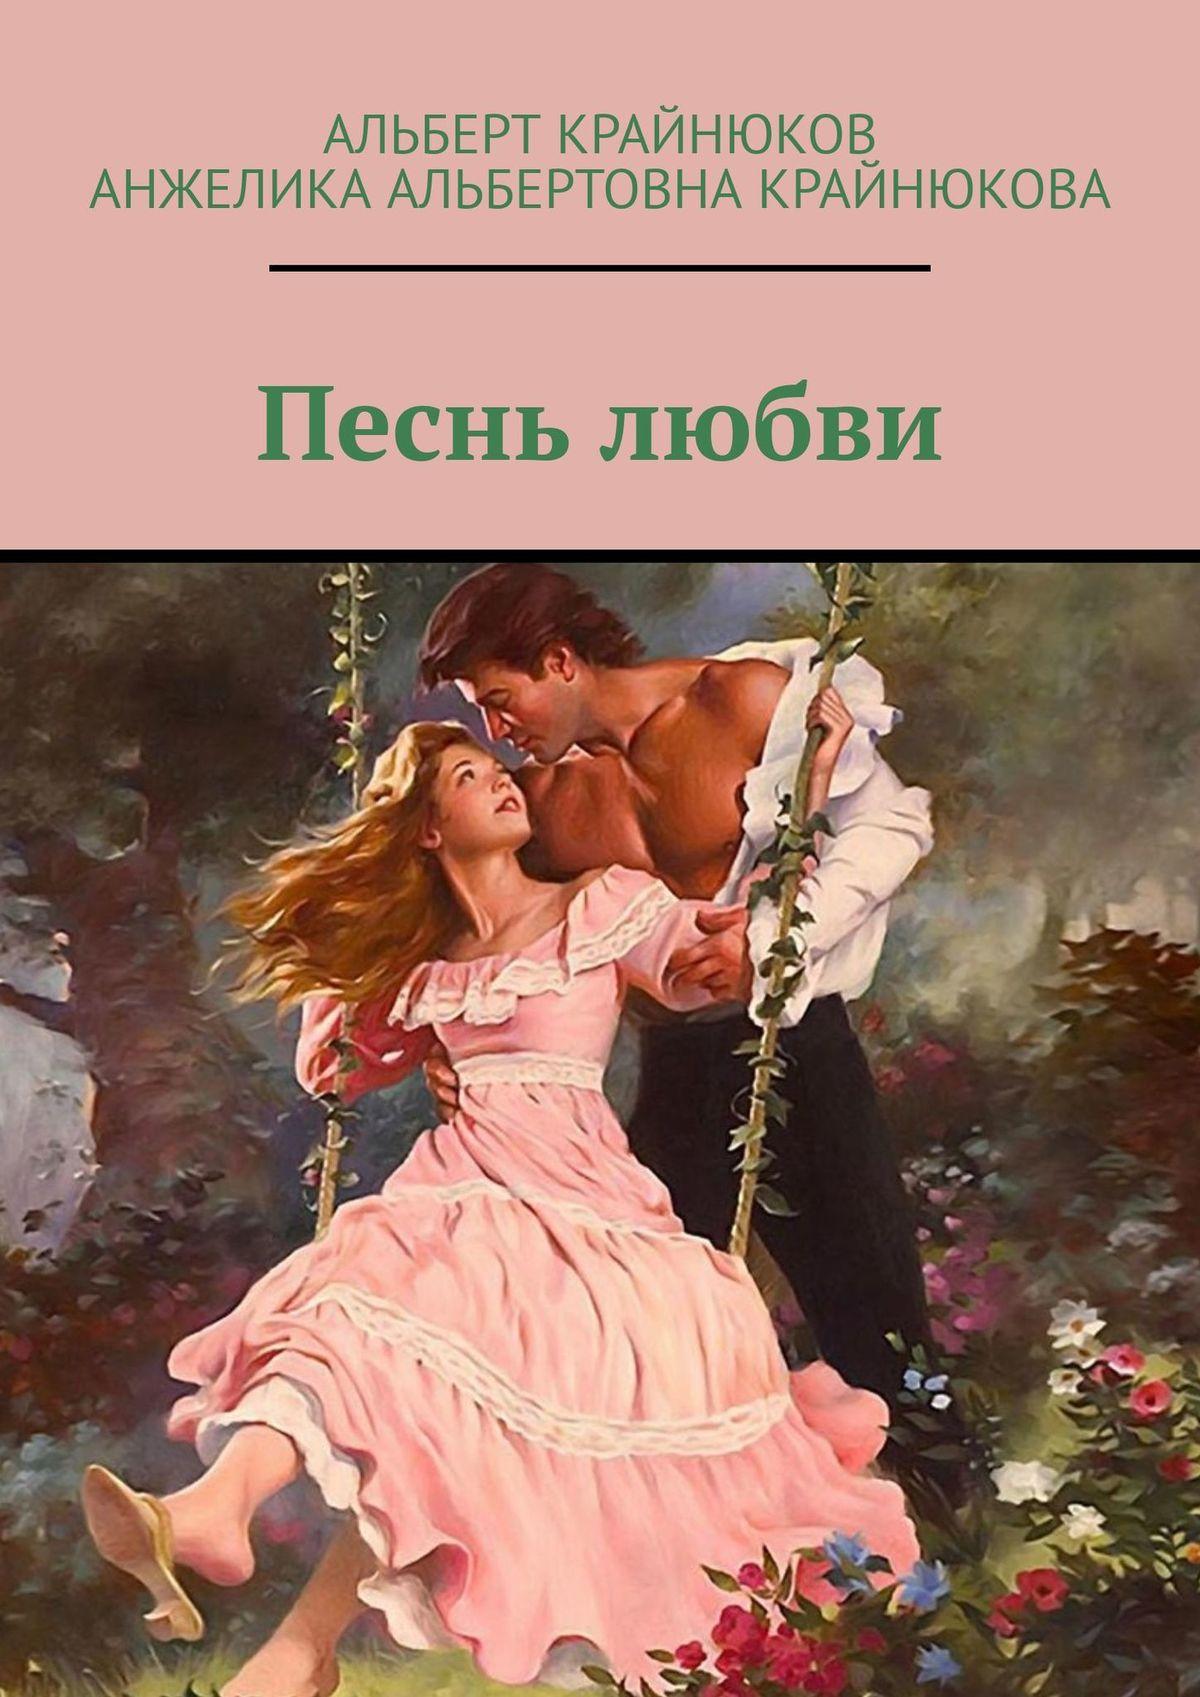 Анжелика Альбертовна Крайнюкова Песнь любви